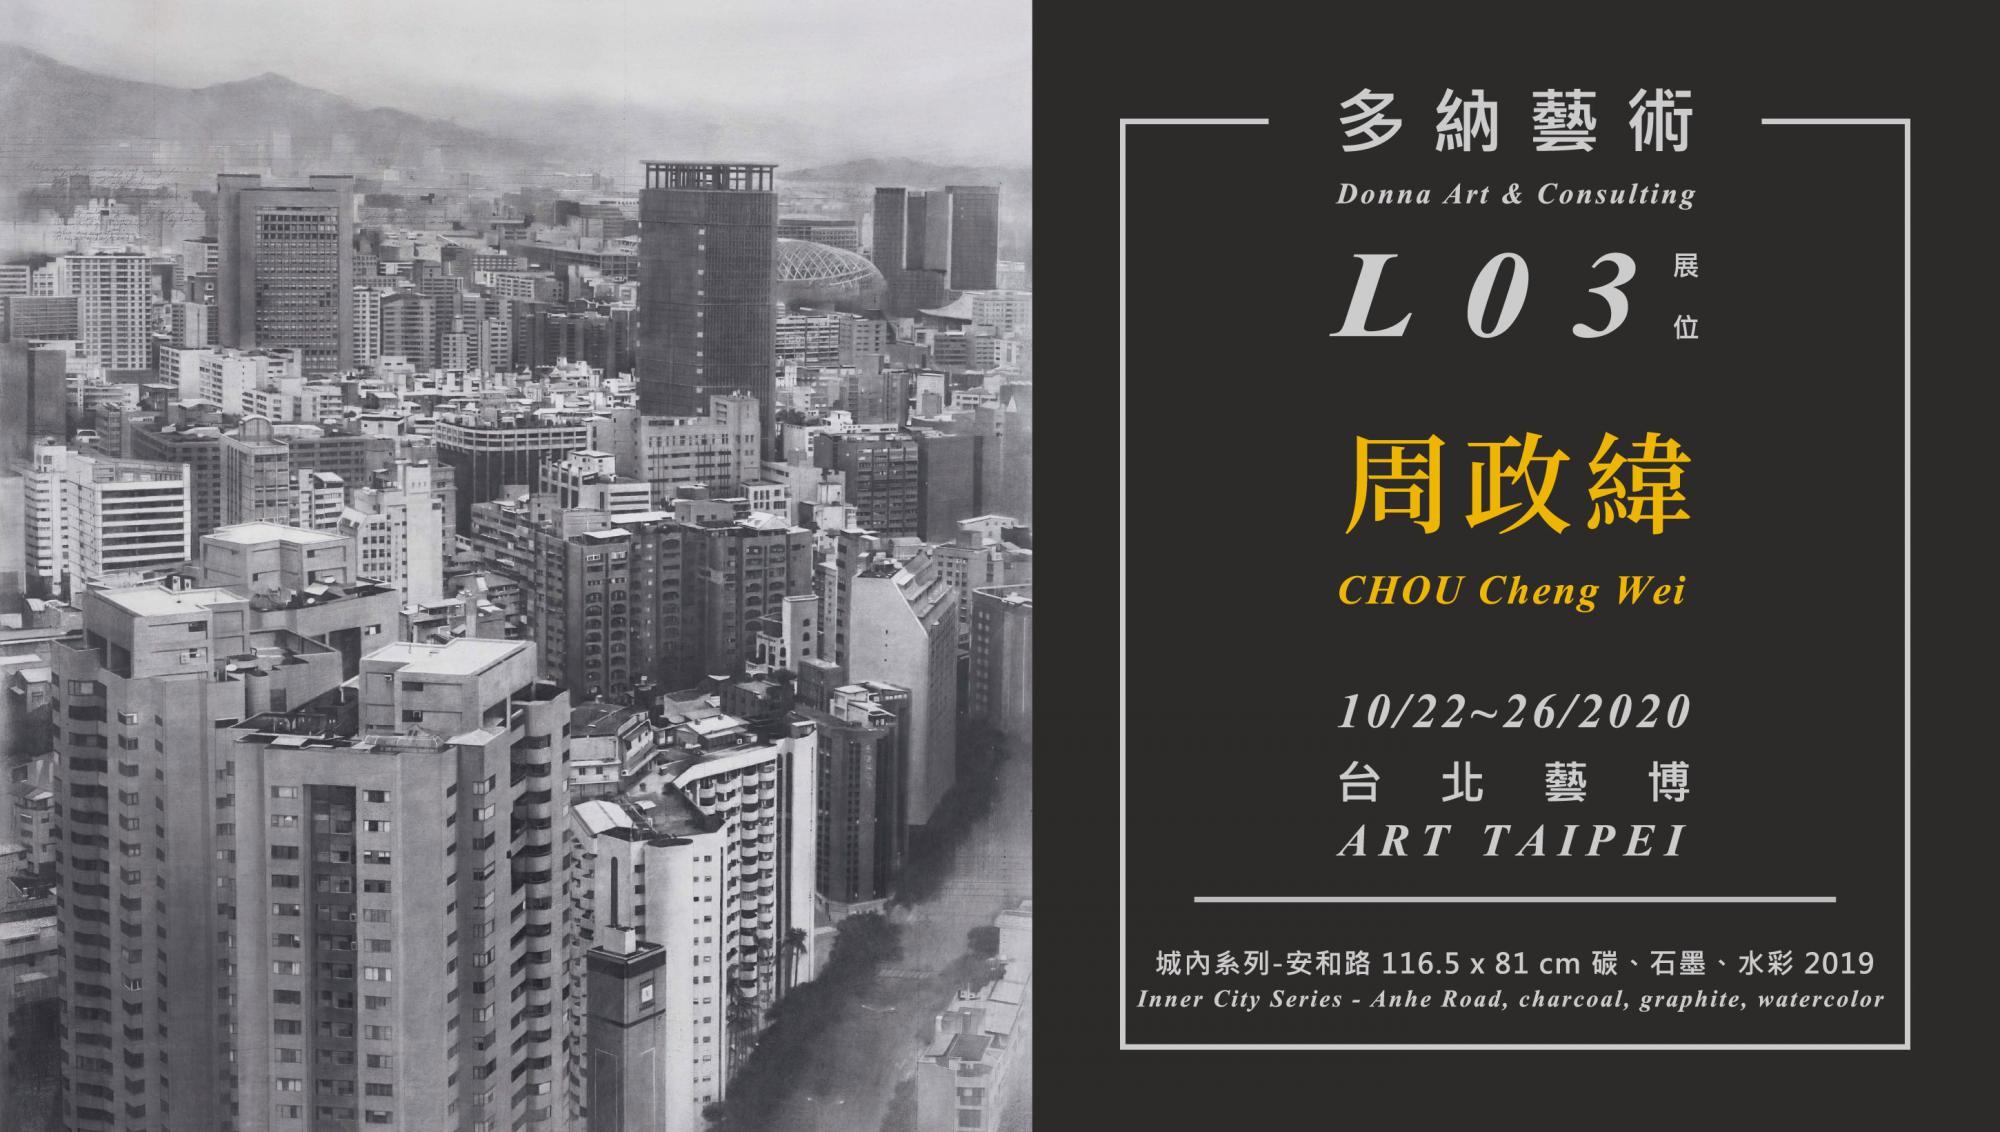 Art Taipei CHOU Cheng Wei.jpg